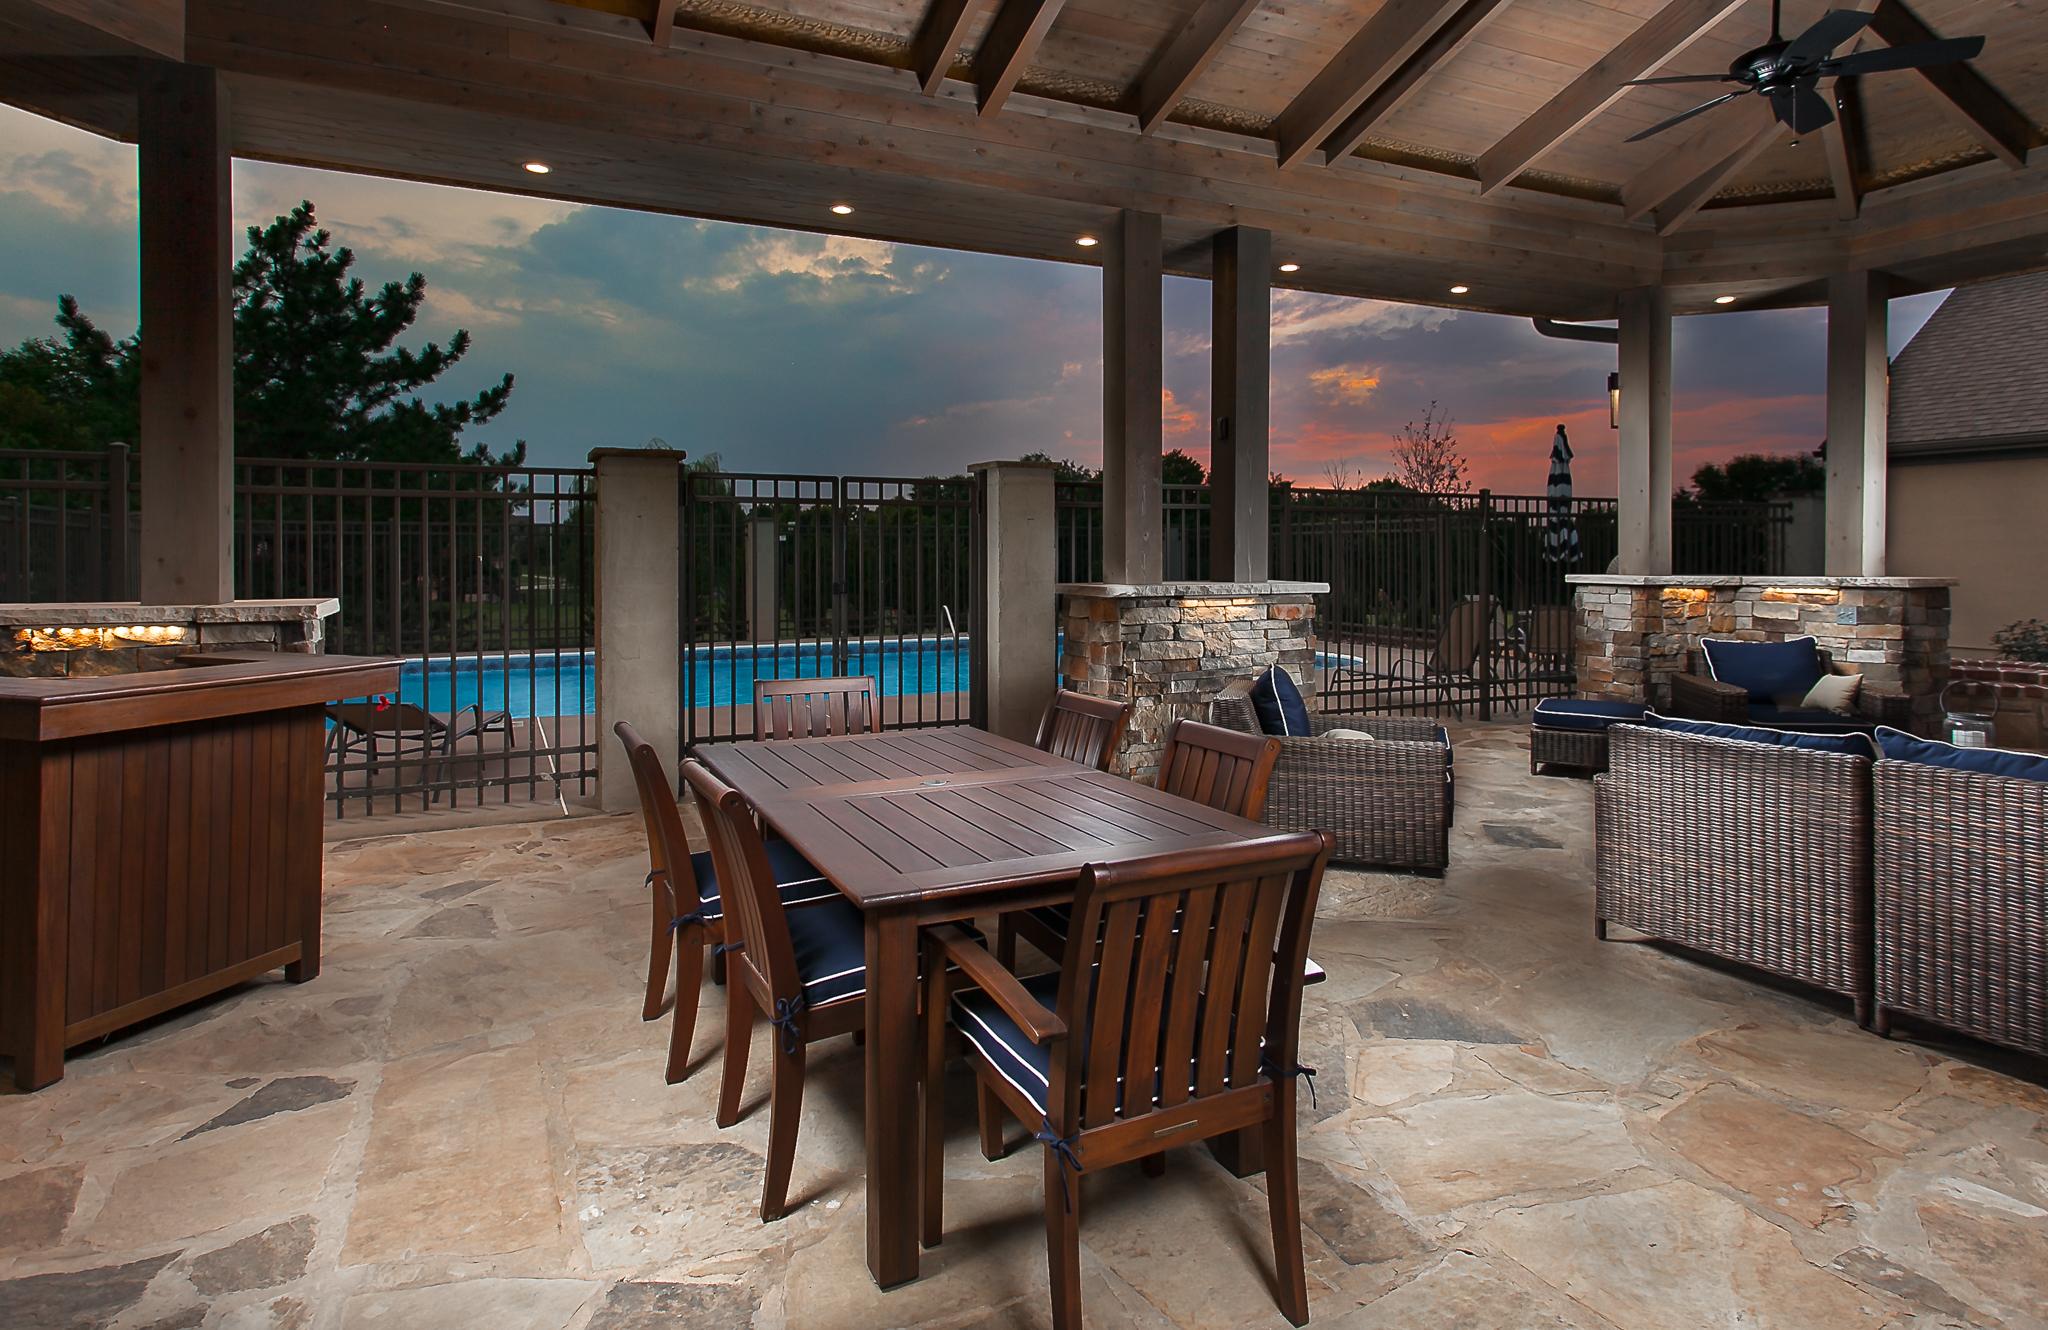 outdoor kitchen gazebo patio pool